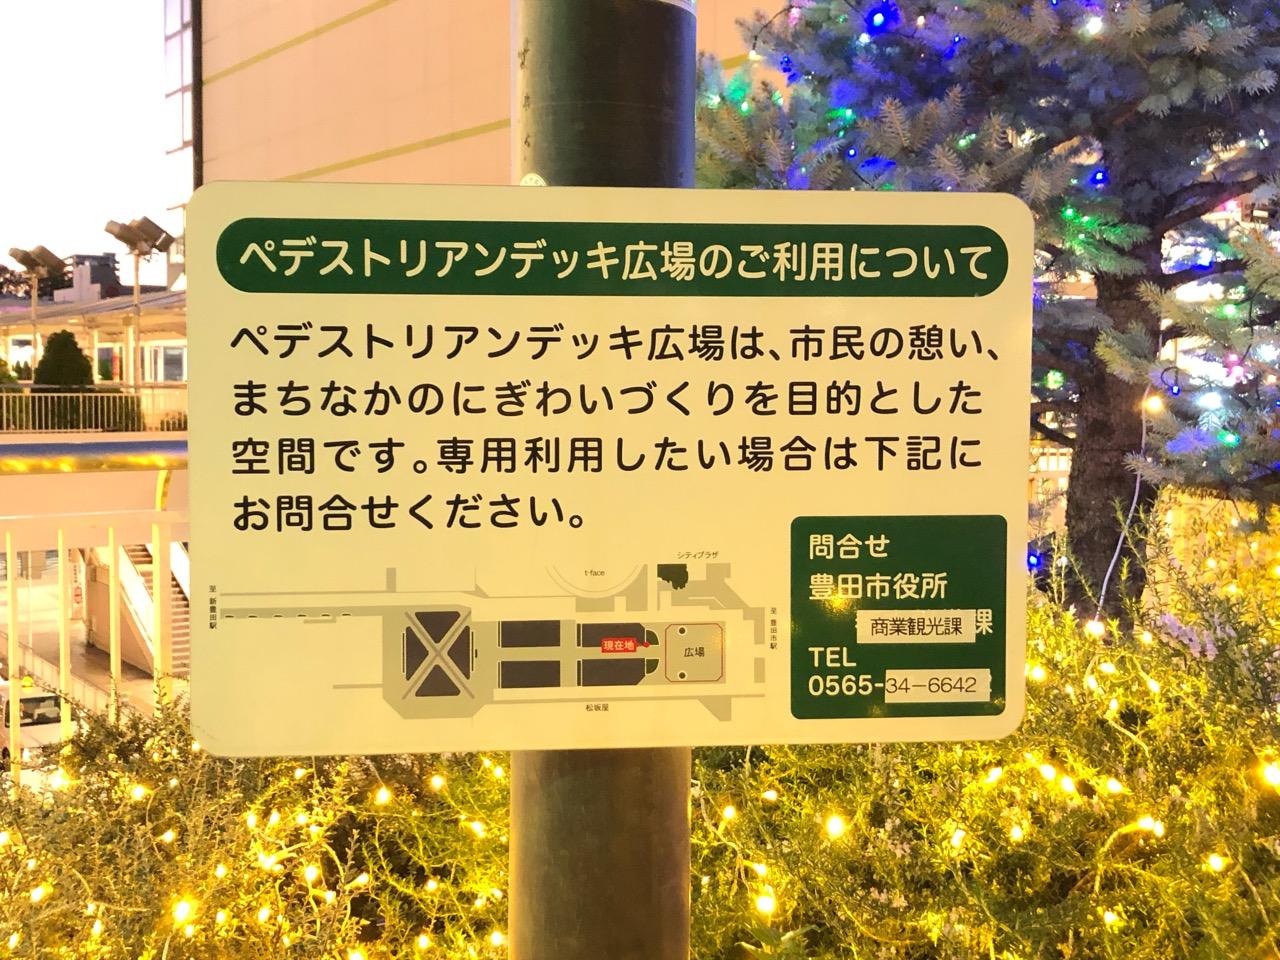 松坂屋豊田店の閉店後はどうなる?跡地の再開発は進んでる?